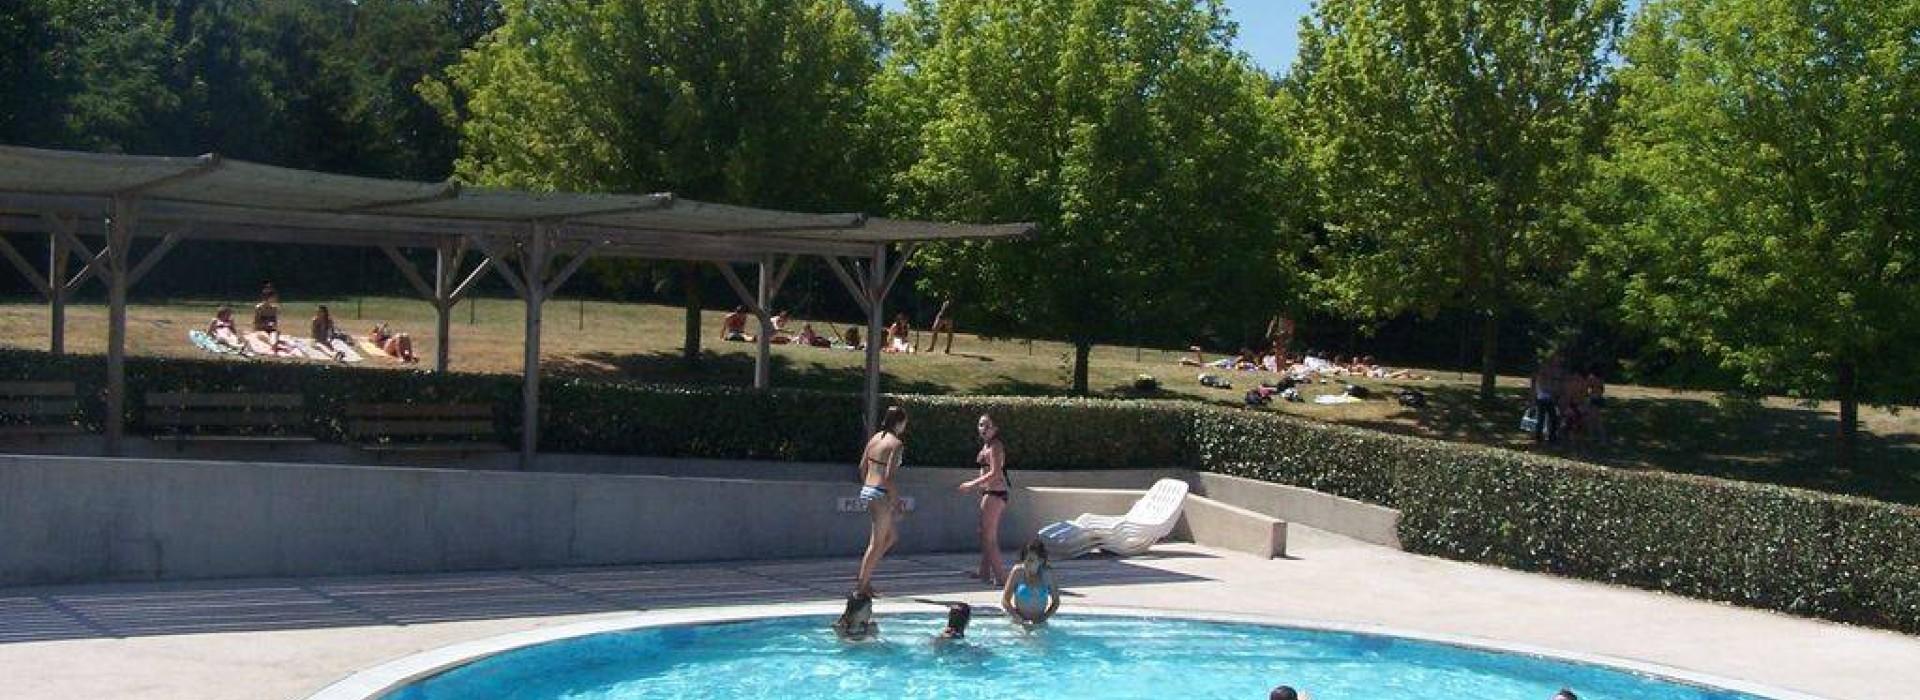 Piscine ludique autour de l 39 eau en pays de la loire - L eau de ma piscine est trouble ...